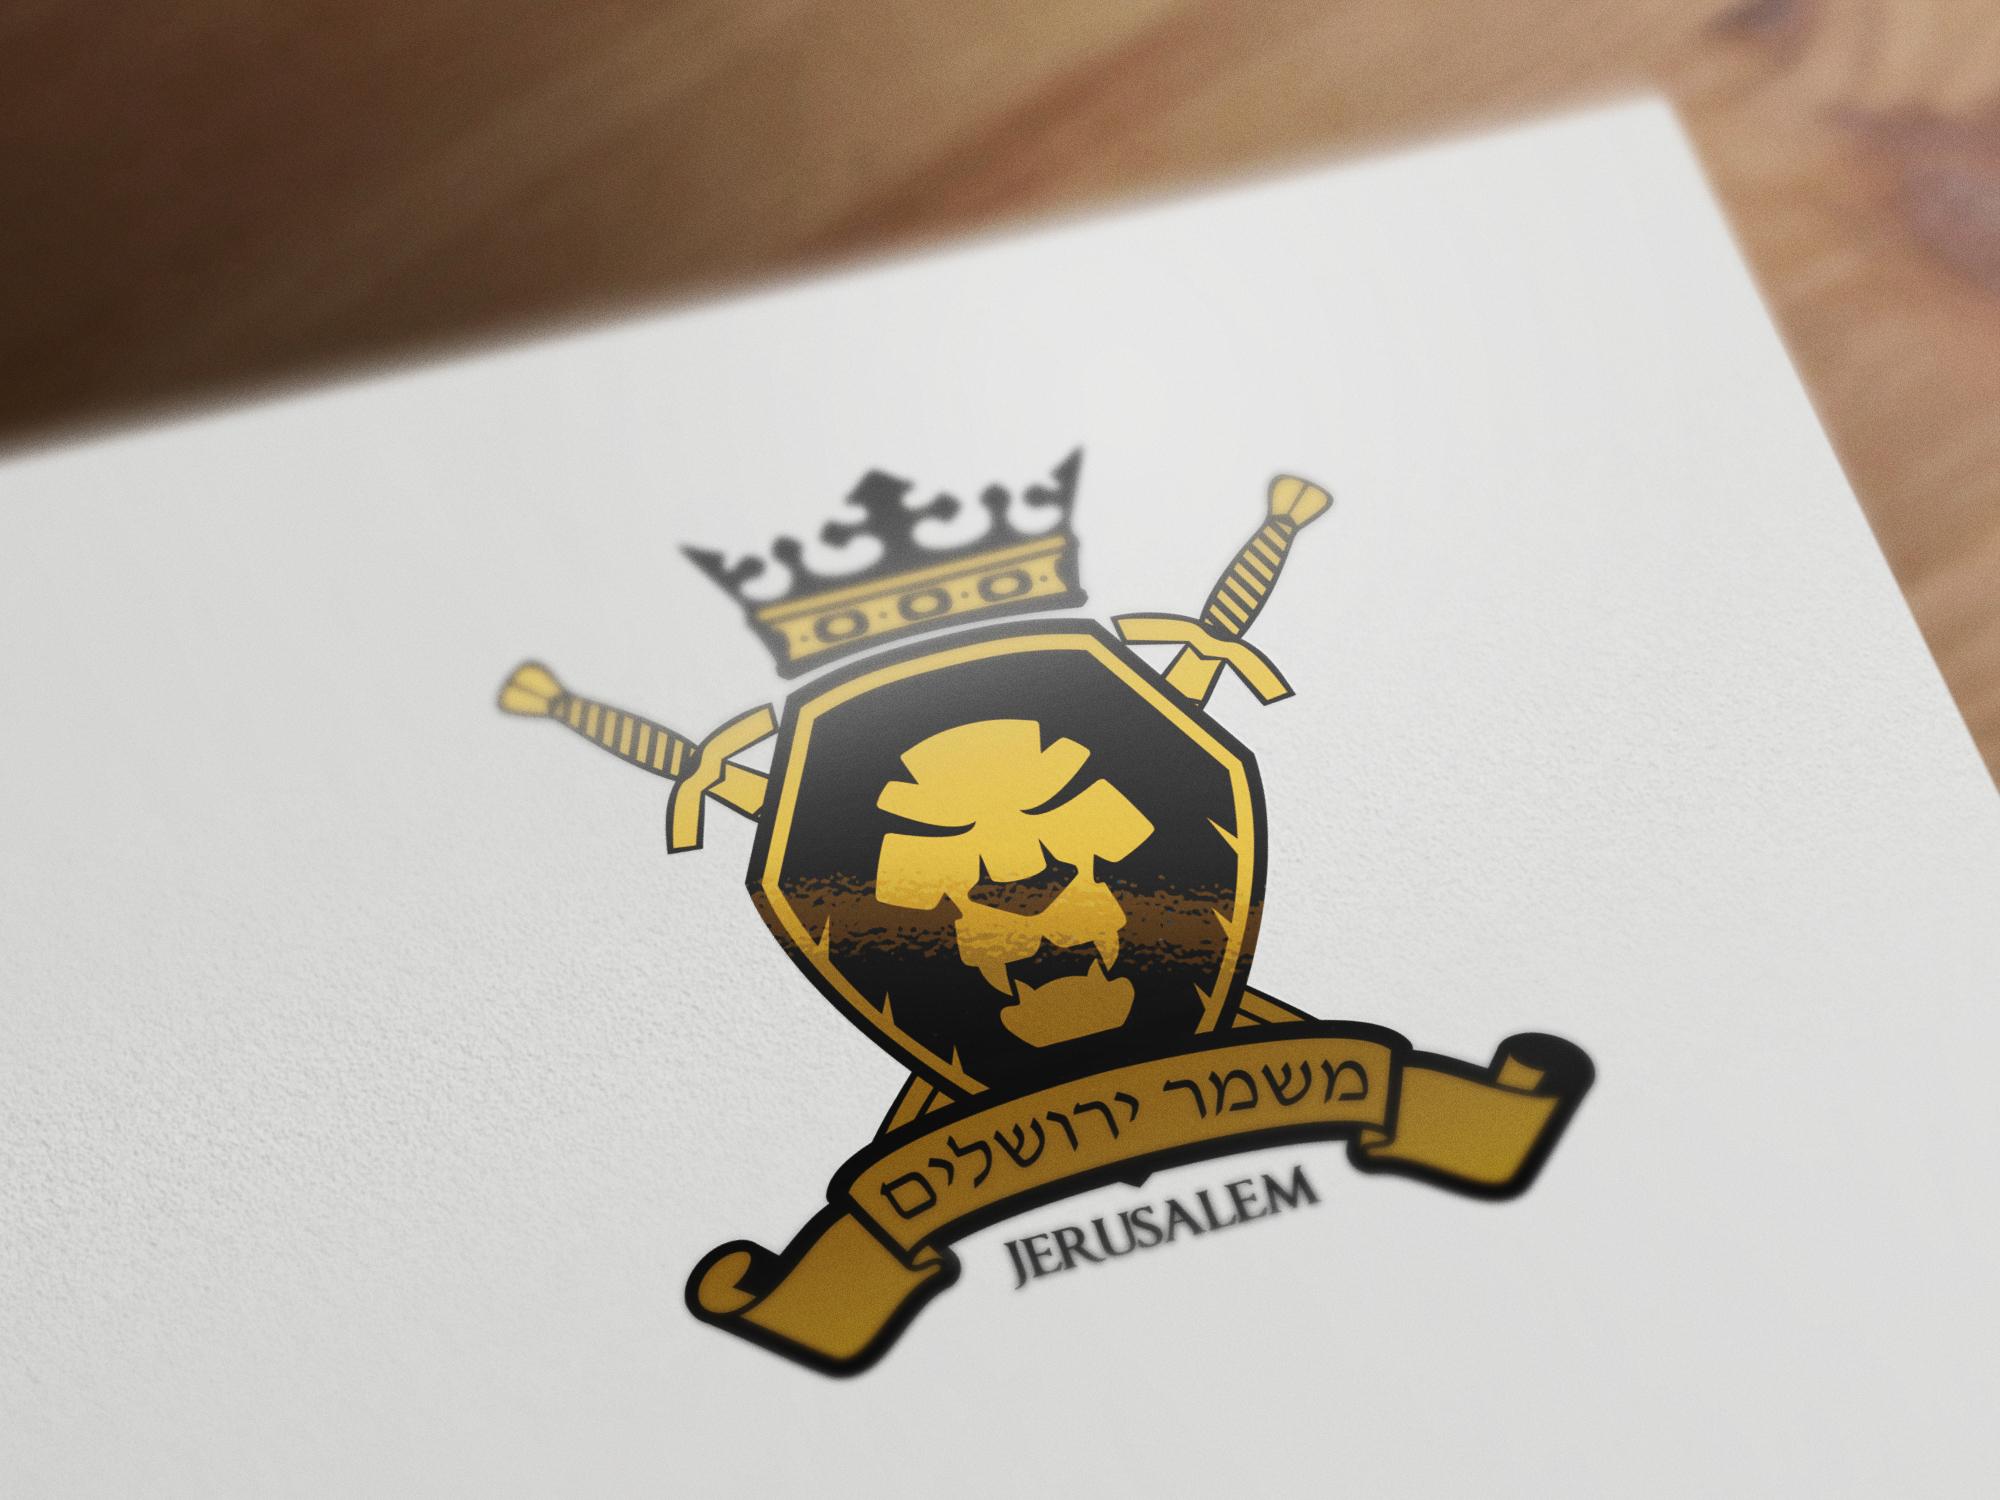 Разработка логотипа. Компания Страж Иерусалима фото f_29651e8a49fd1b99.jpg